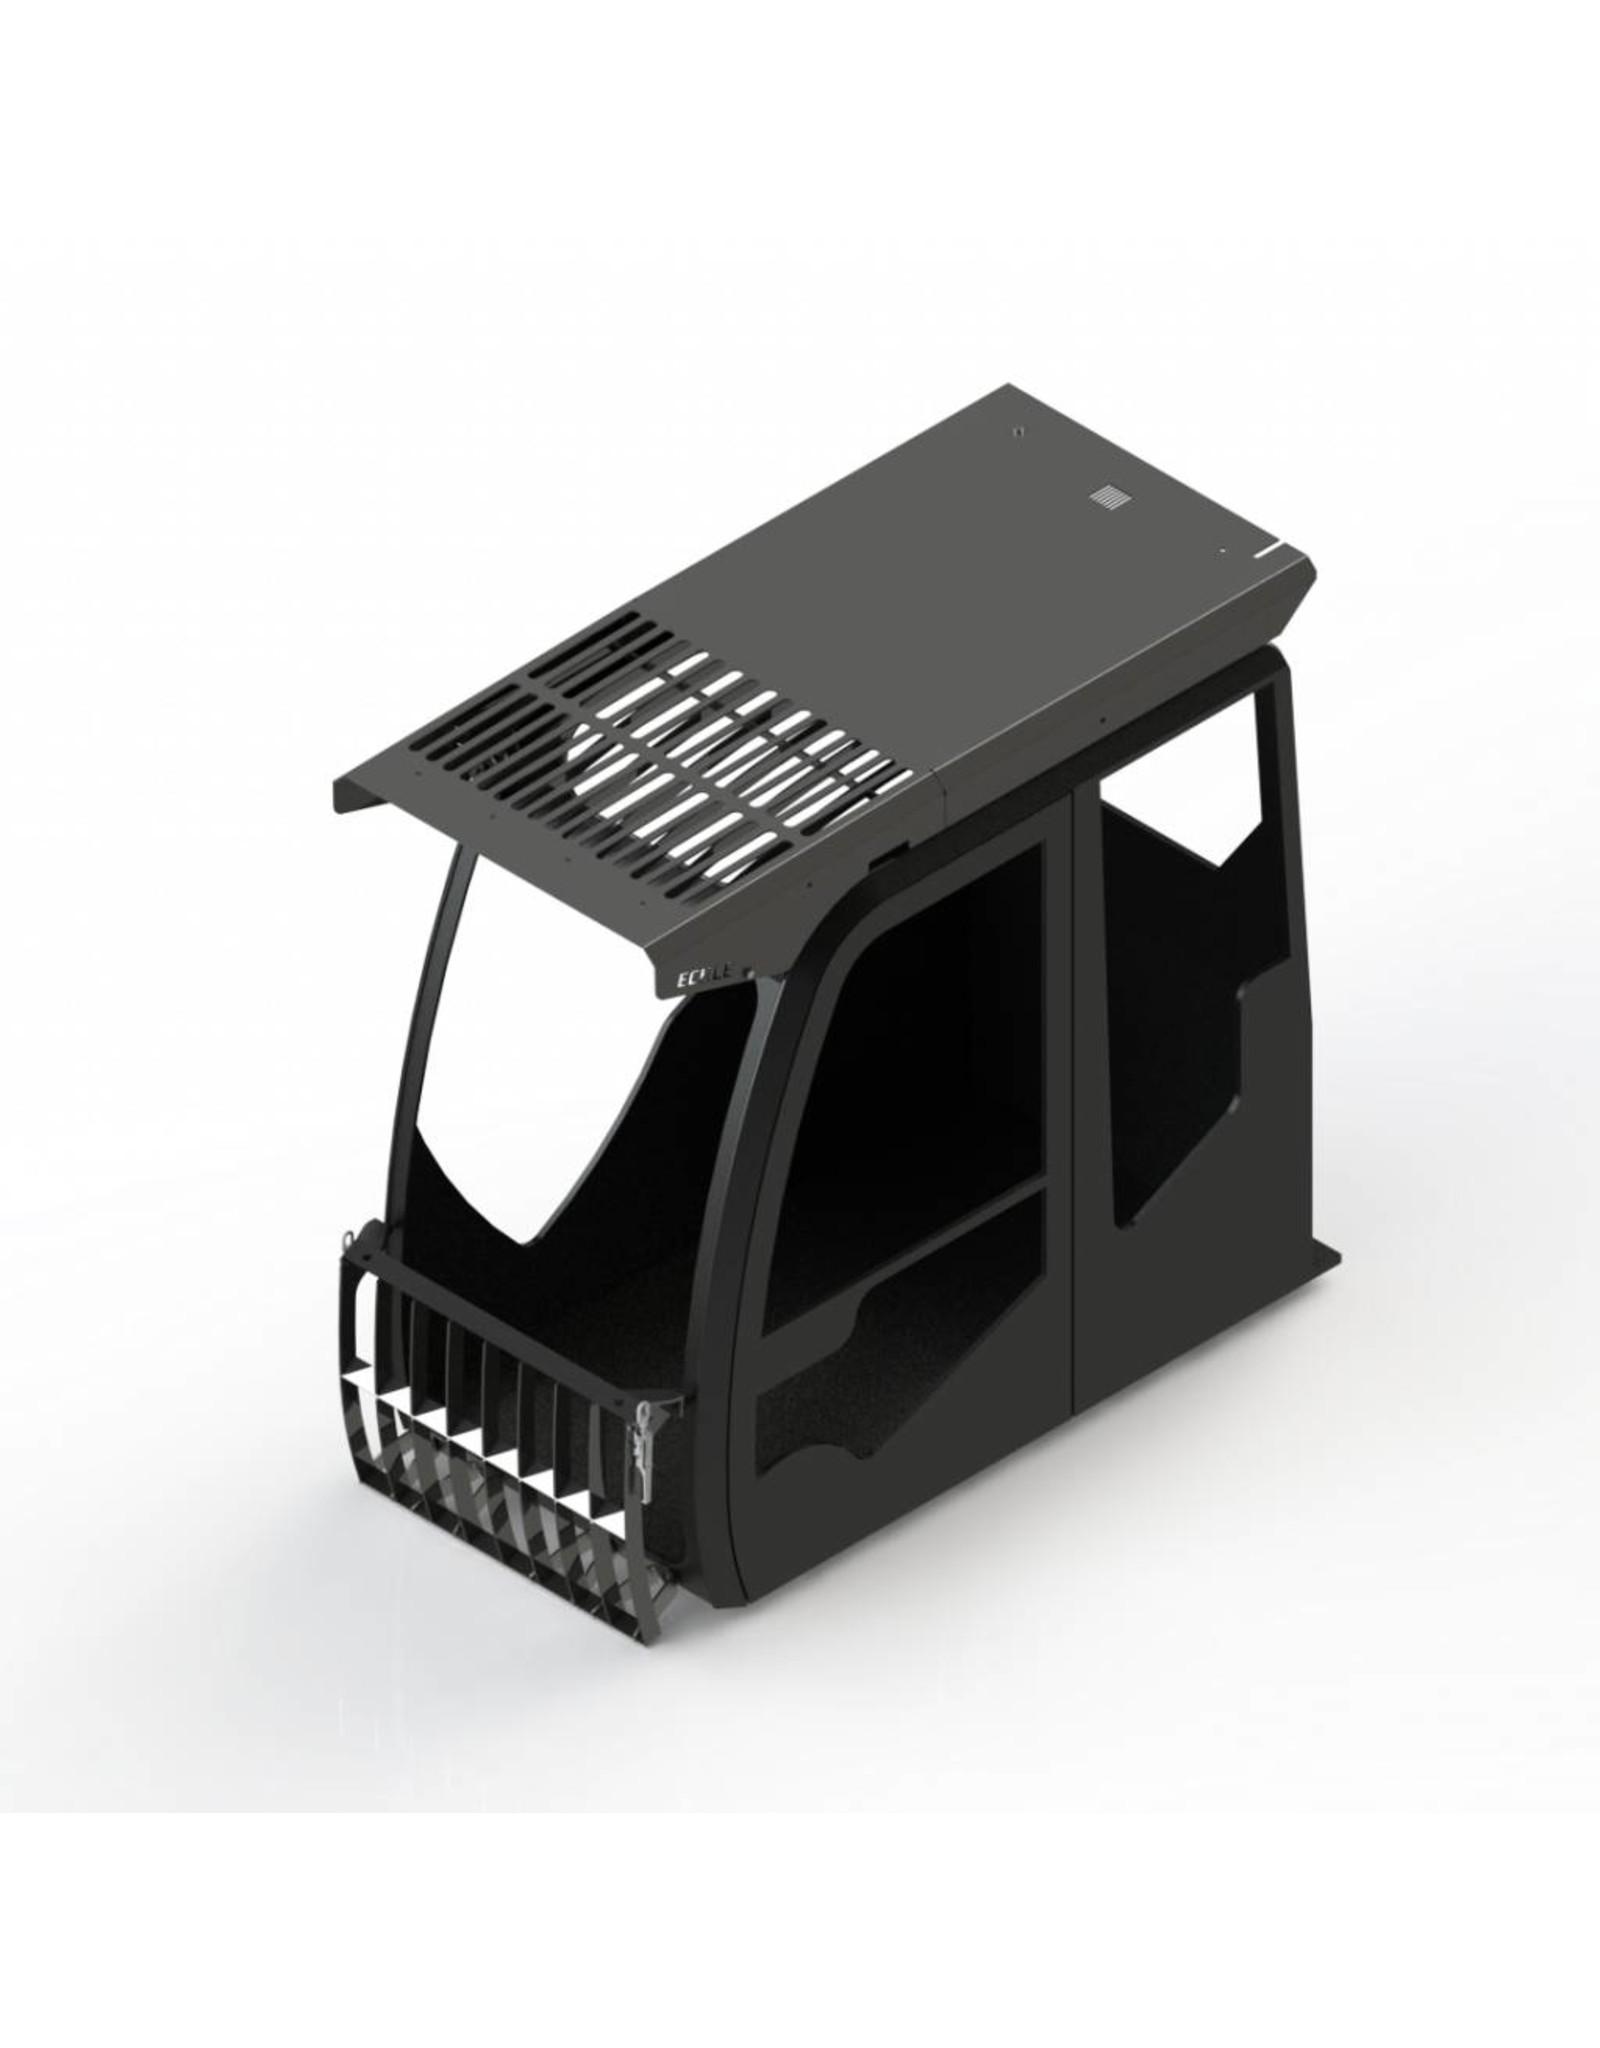 Echle Hartstahl GmbH FOPS für Liebherr R 976